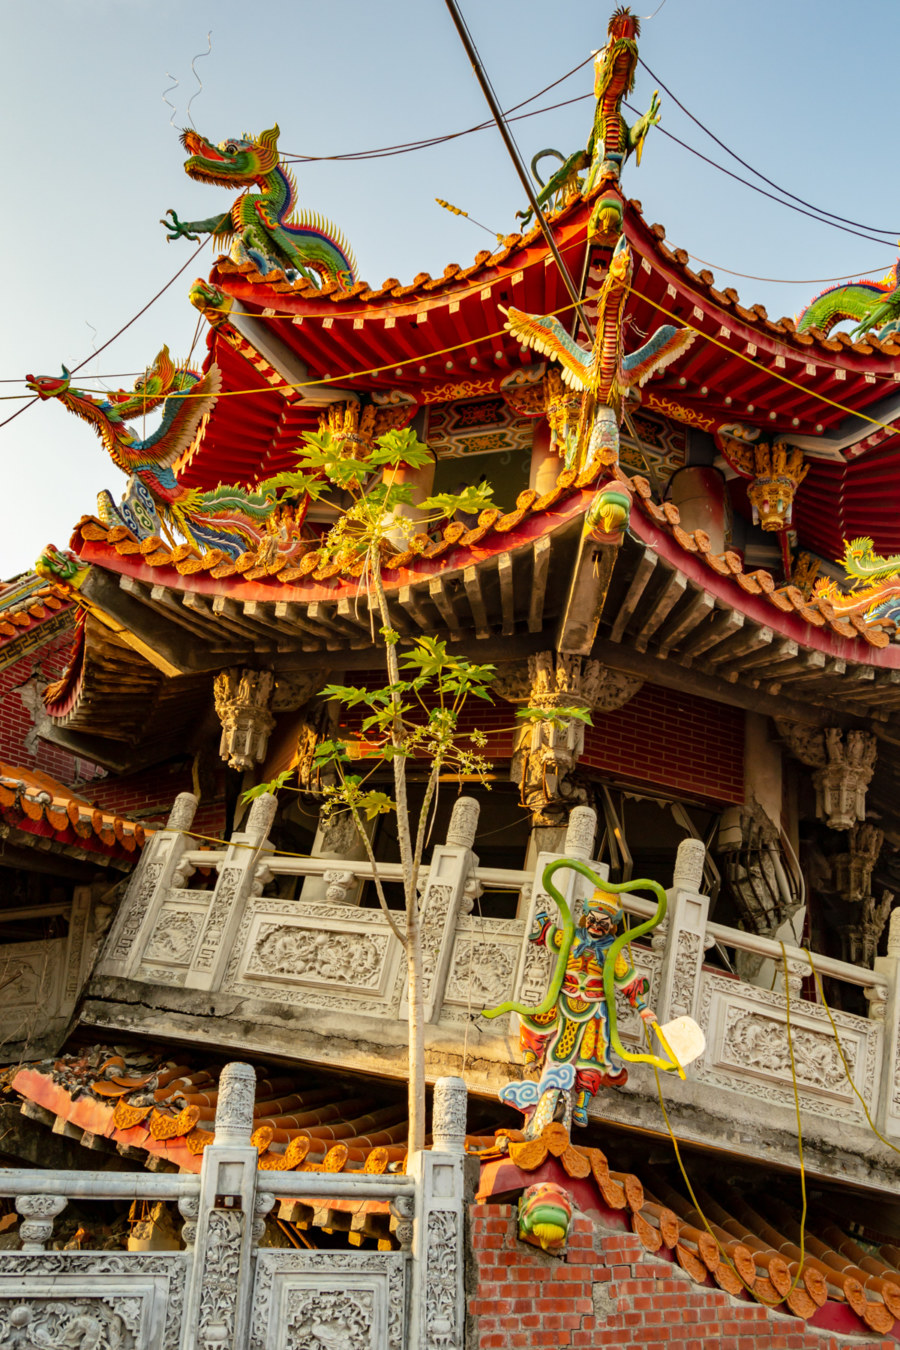 Wuchang Temple at an Odd Angle